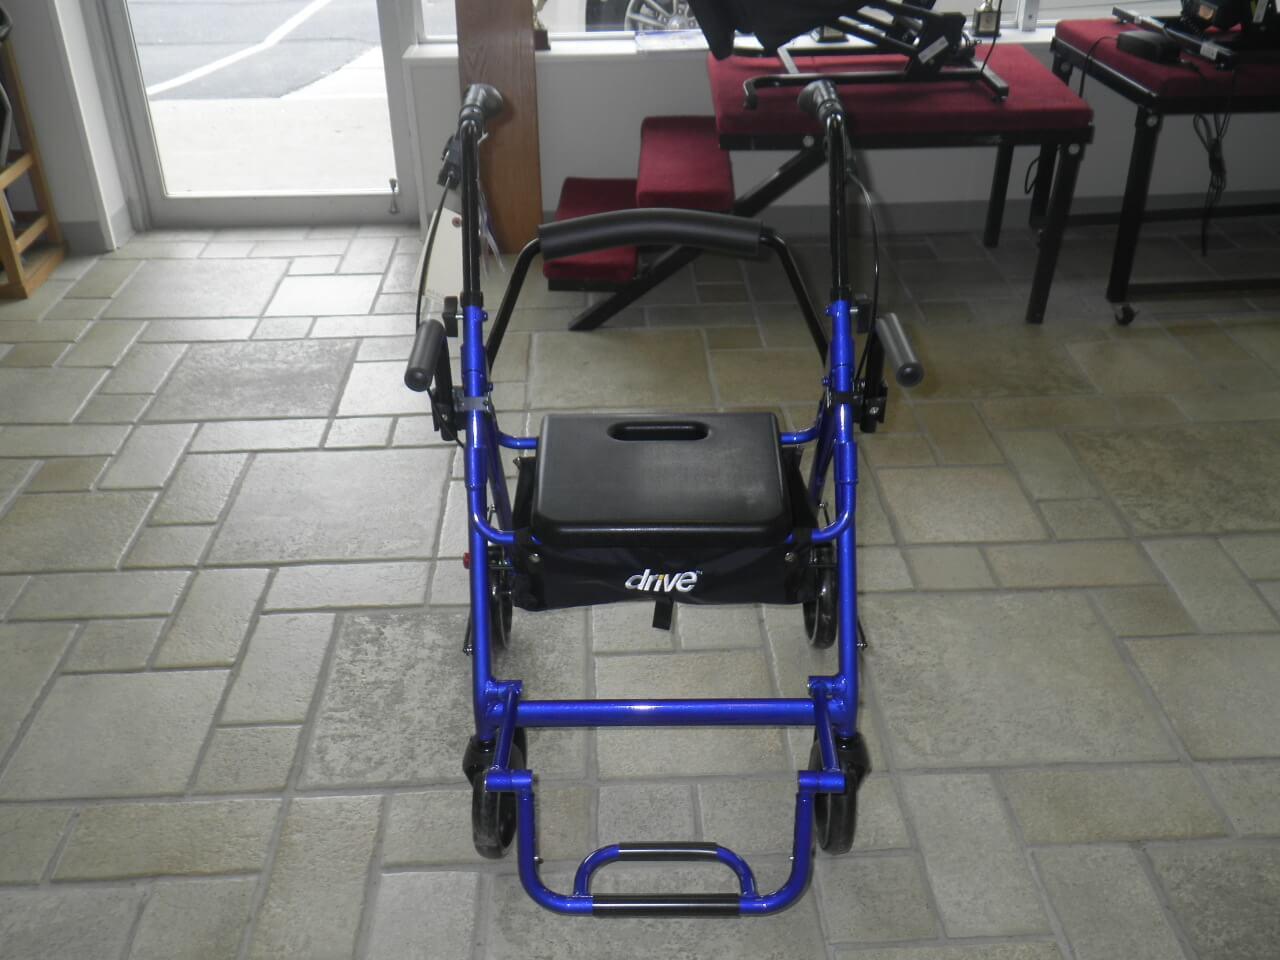 Drive Duet Transport Chair Rollator